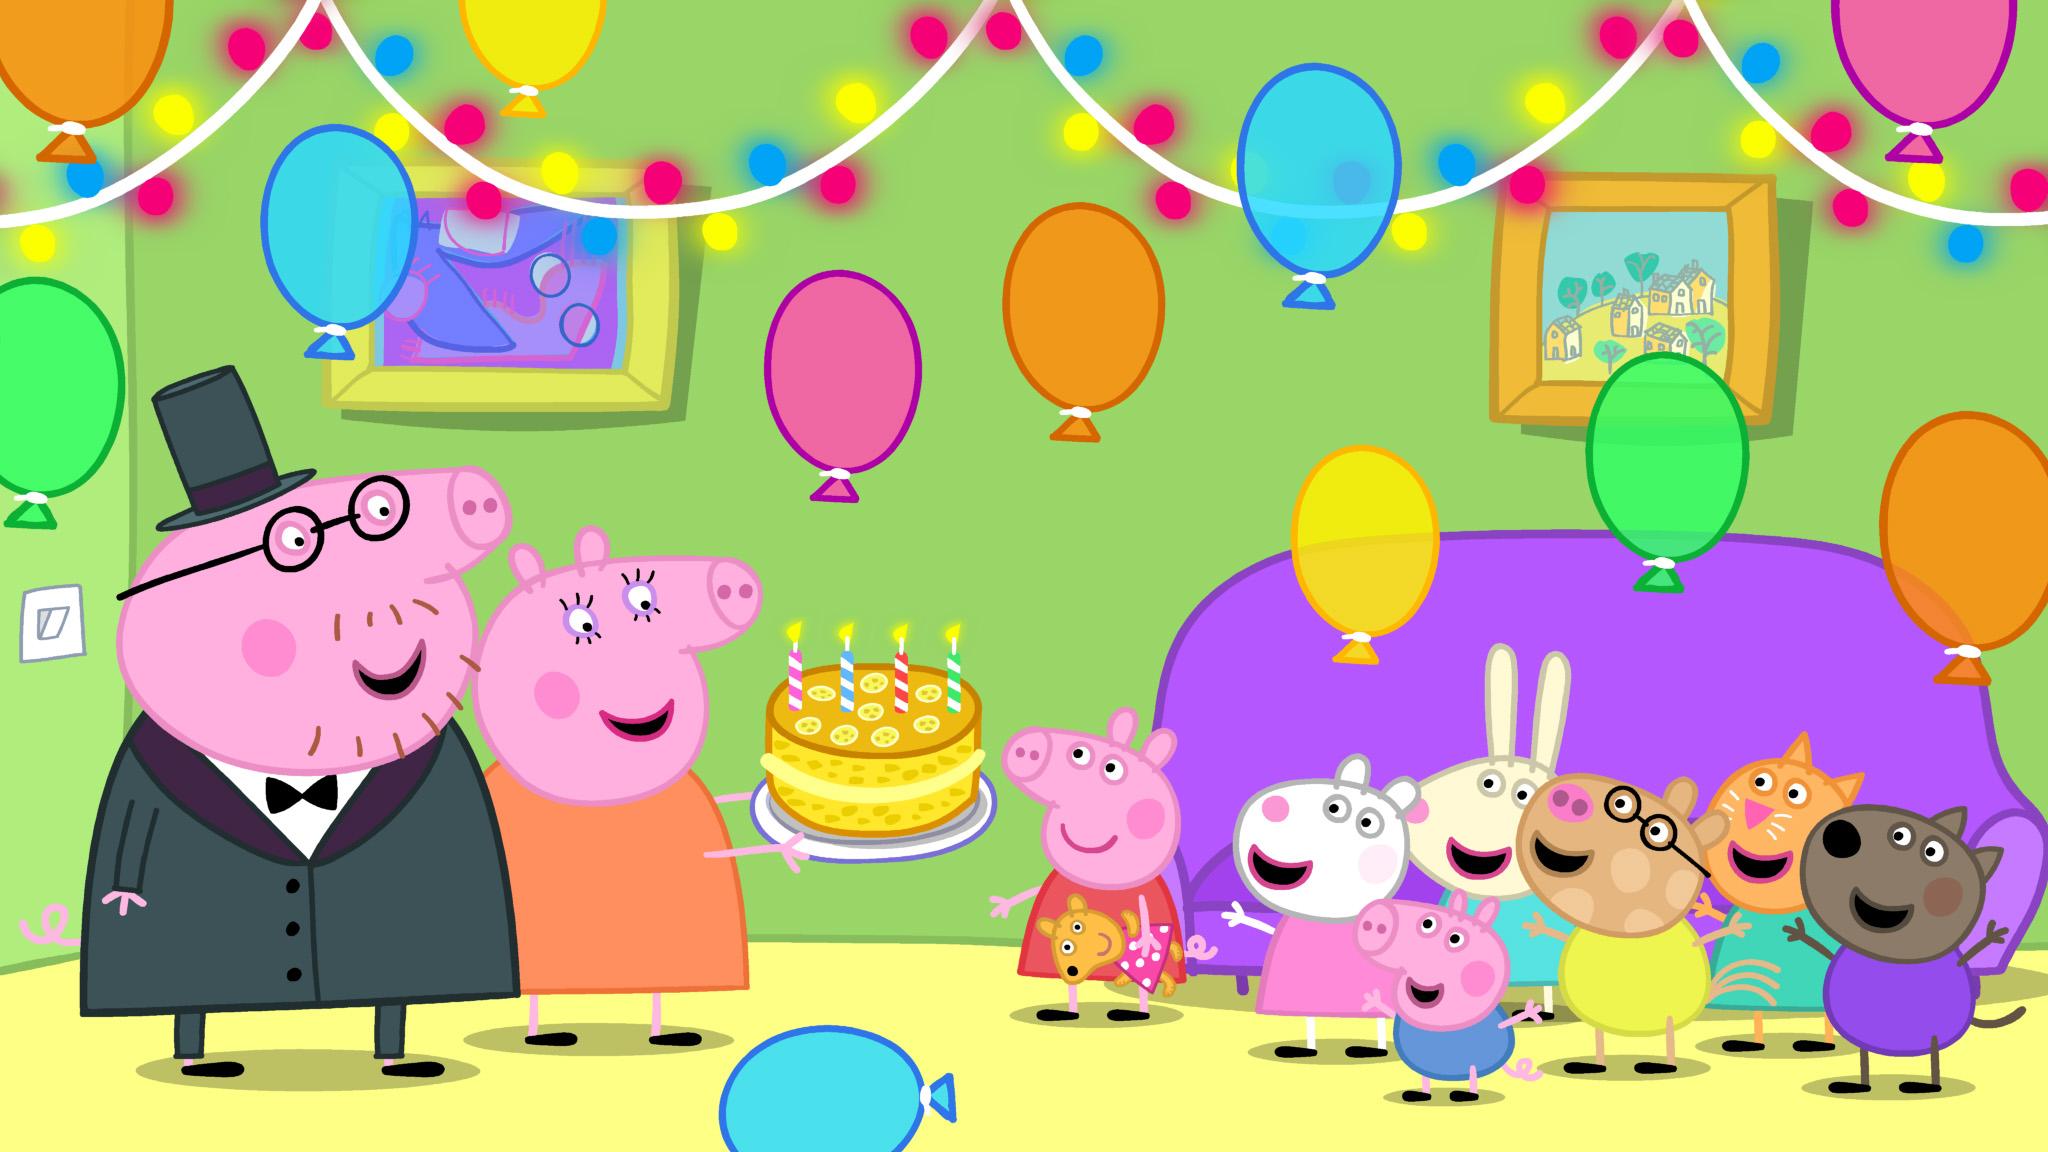 EONE PEPPA PIG DADDY PIG KIDS TELEVISION CHILDRENS TV CHILDREN 2048x1152